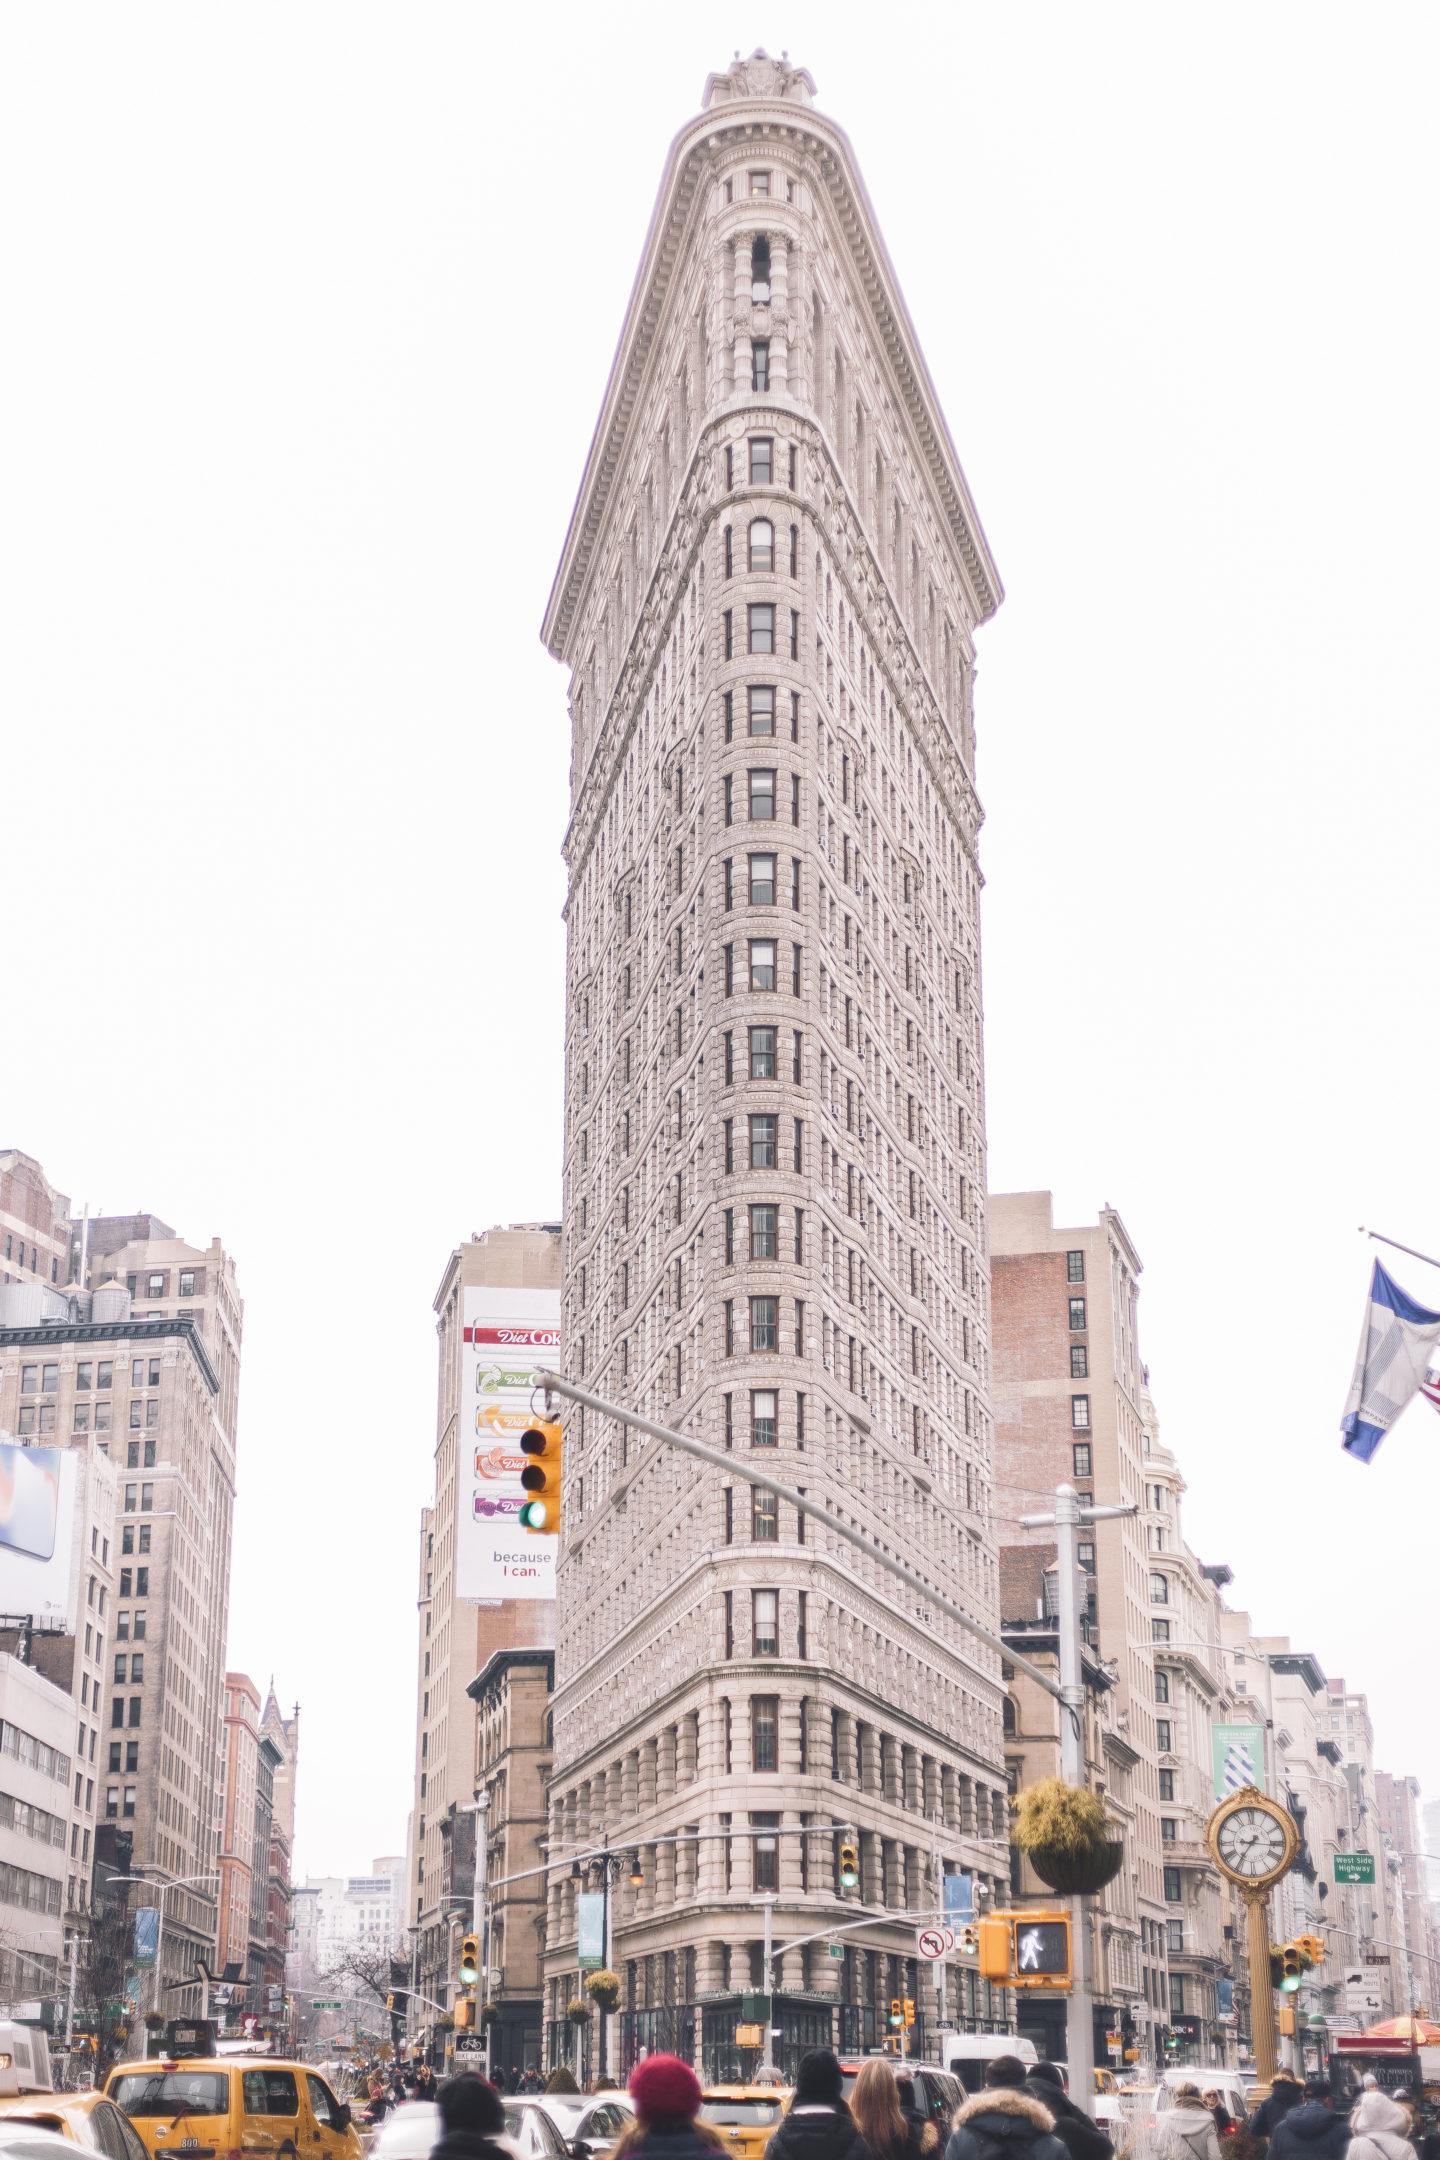 flatiron building, flatiron district, manhattan, new york city